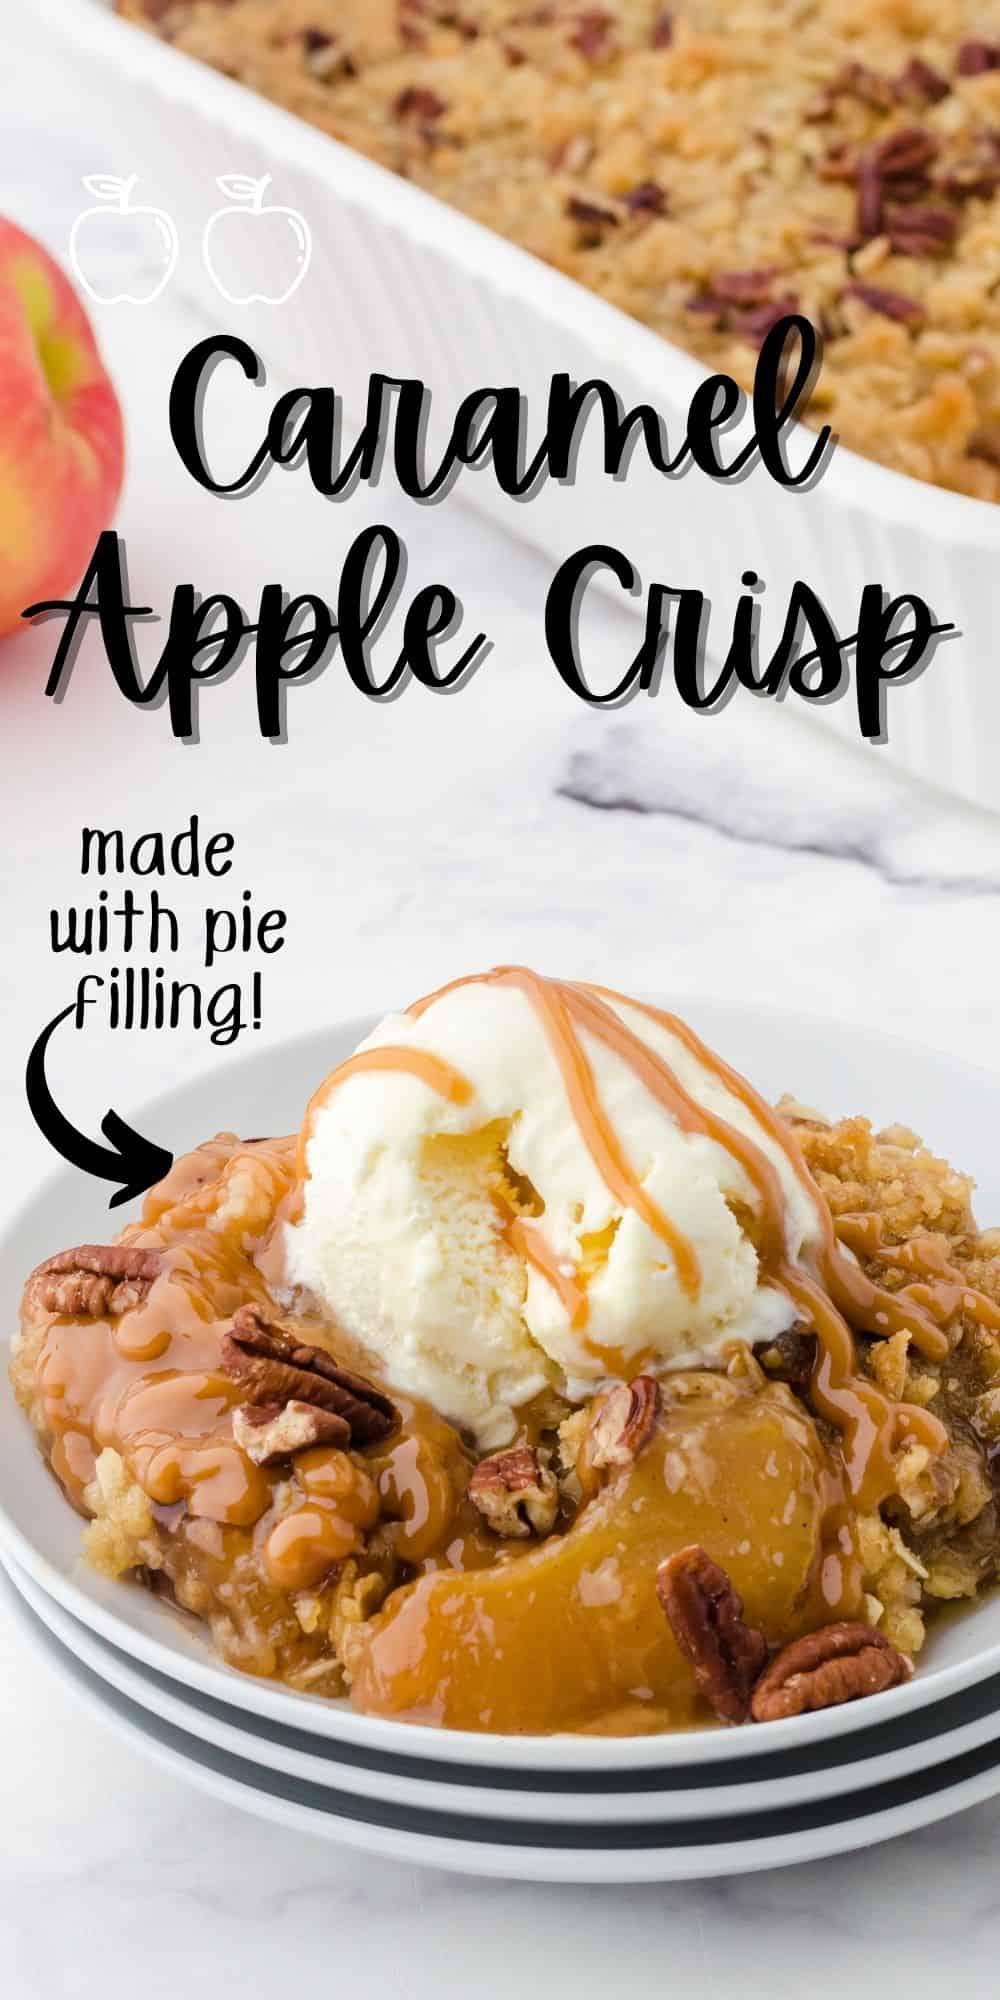 Caramel Apple Crisp with apple pie filling recipe